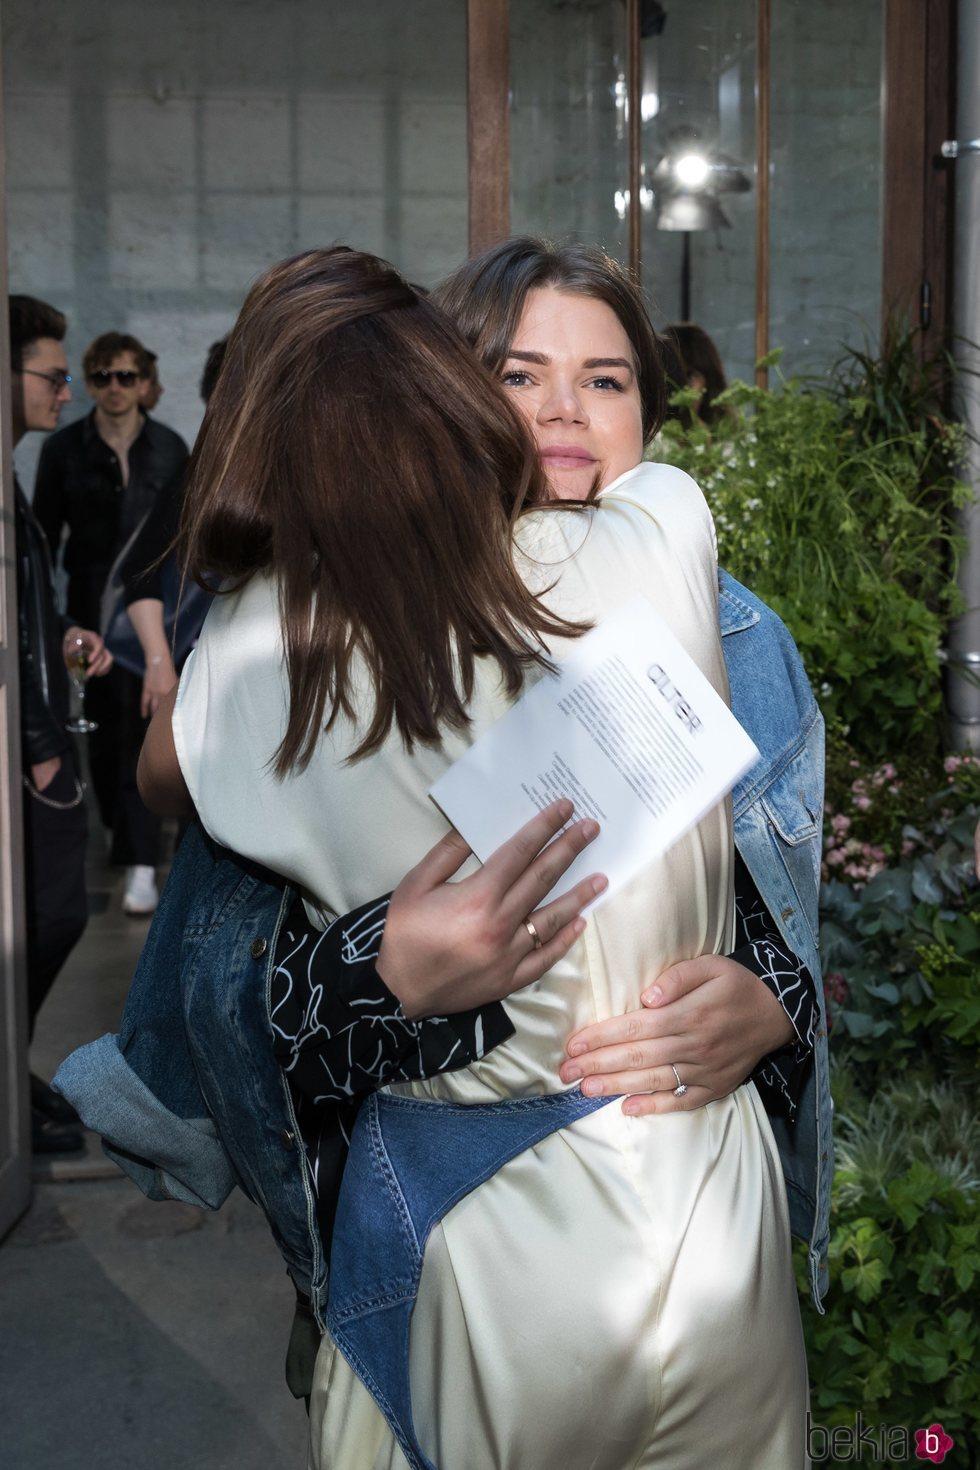 Pauline Ducruet y Camille Gottlieb se abrazan en la Paris Fashion Week 2019